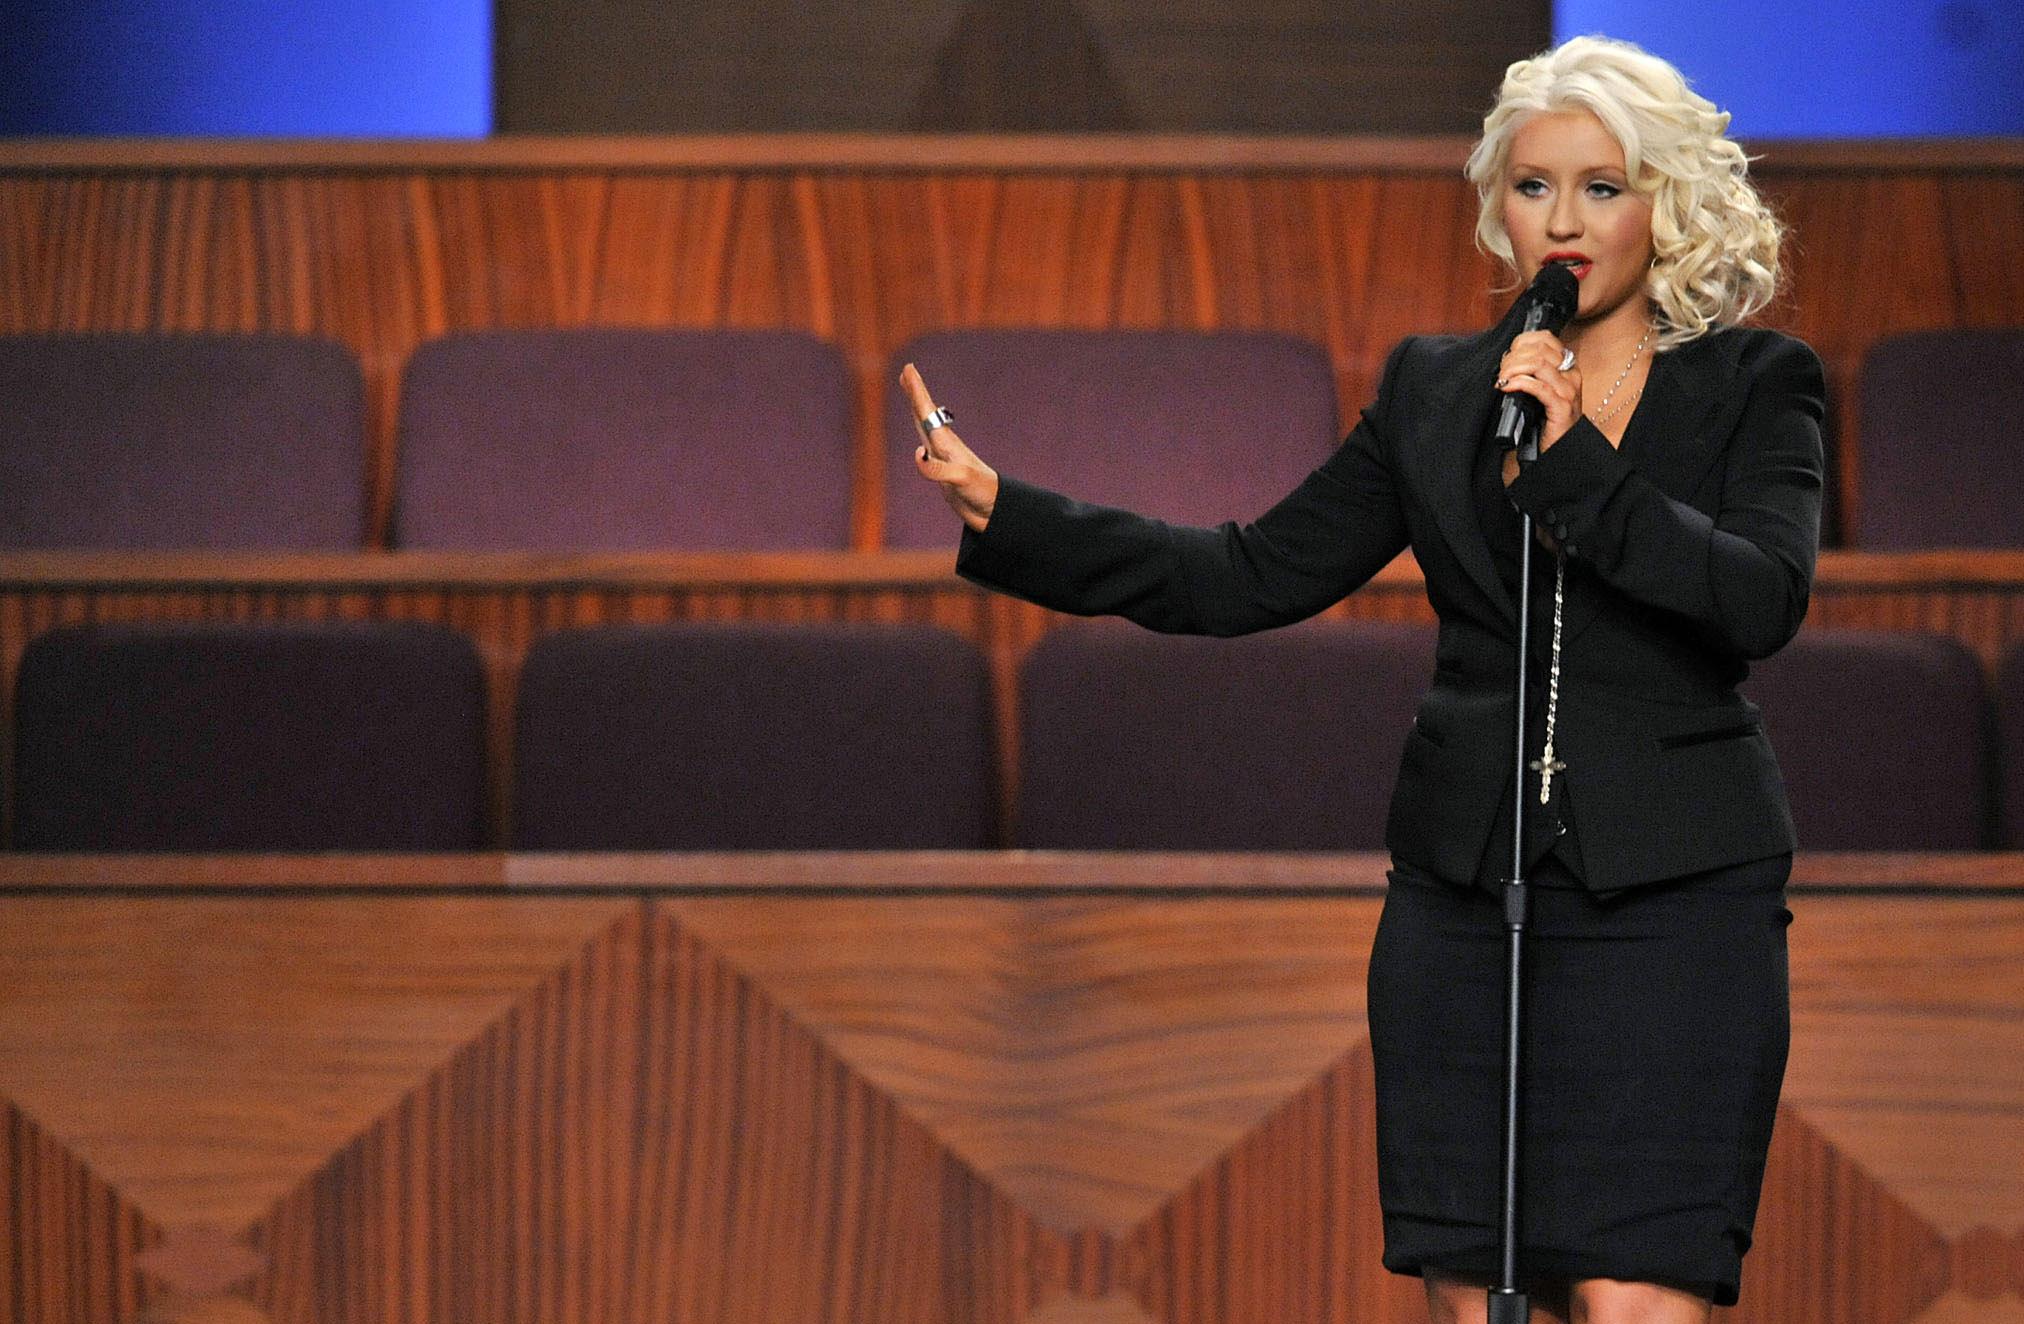 През 2012 г., умира един от музикалните идоли на Кристина Агилера - певицата Ета Джеймс. Агилера бе поканена на погребението като специален гост. Тя изпълни една от най-любимите си песни и хитове на Джеймс At last. По време на изпълнението обаче се случи гаф, който със сигурност певицата не е очаквала. Вижте следващата снимка.